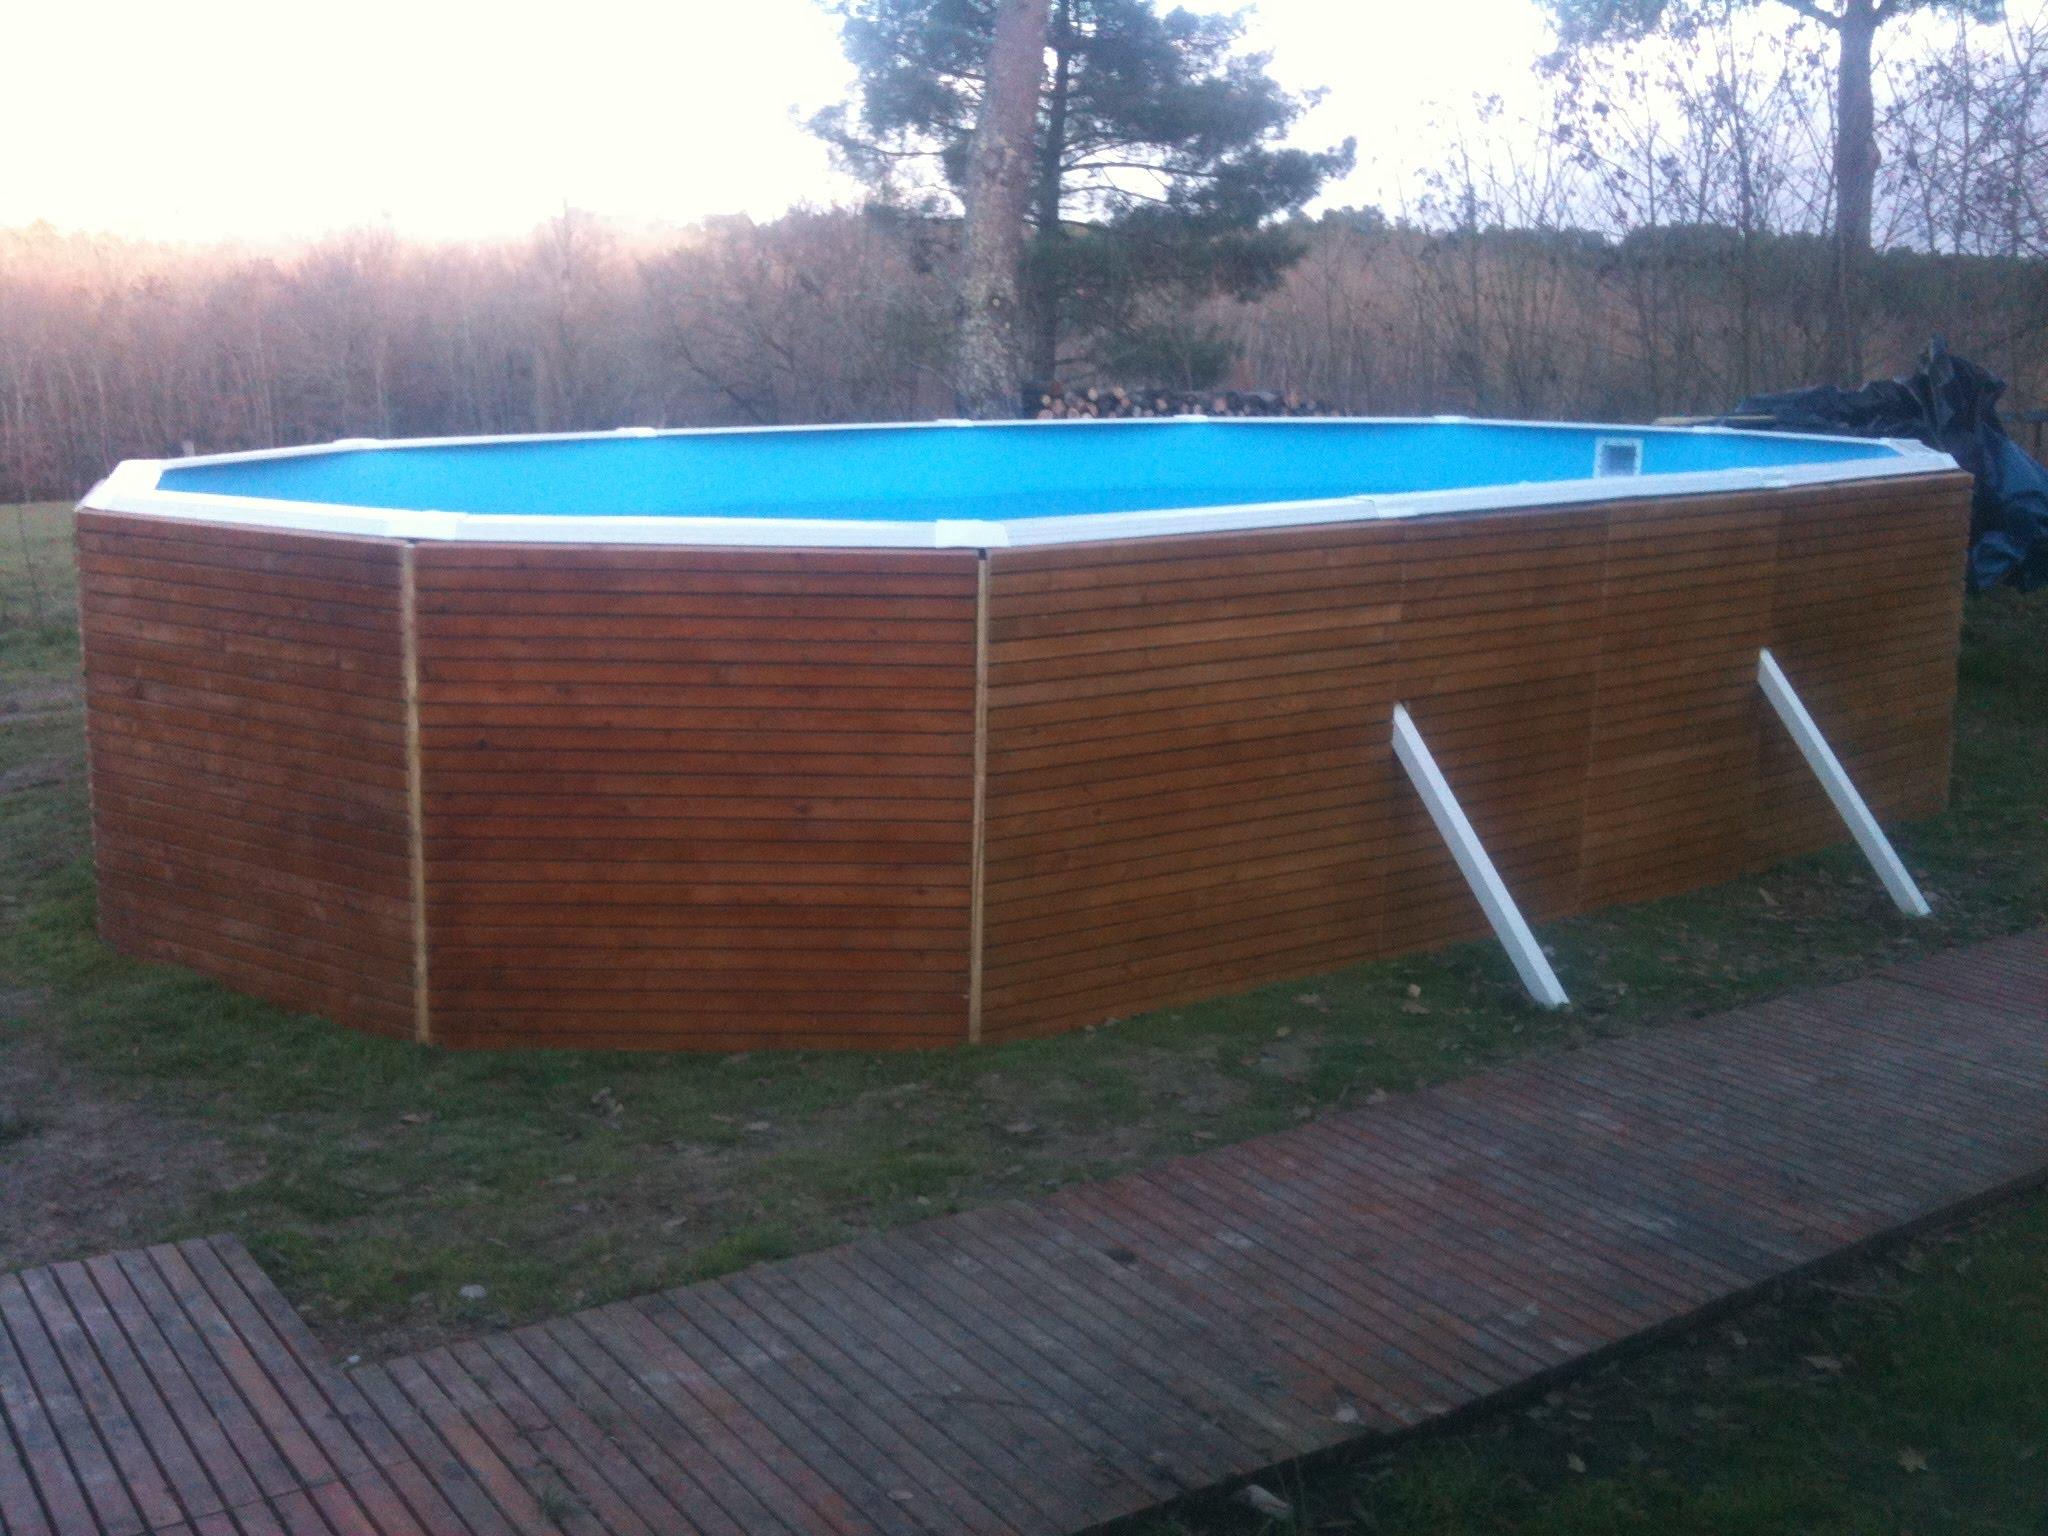 Habillage bois piscine tubulaire for Enterrer piscine tubulaire